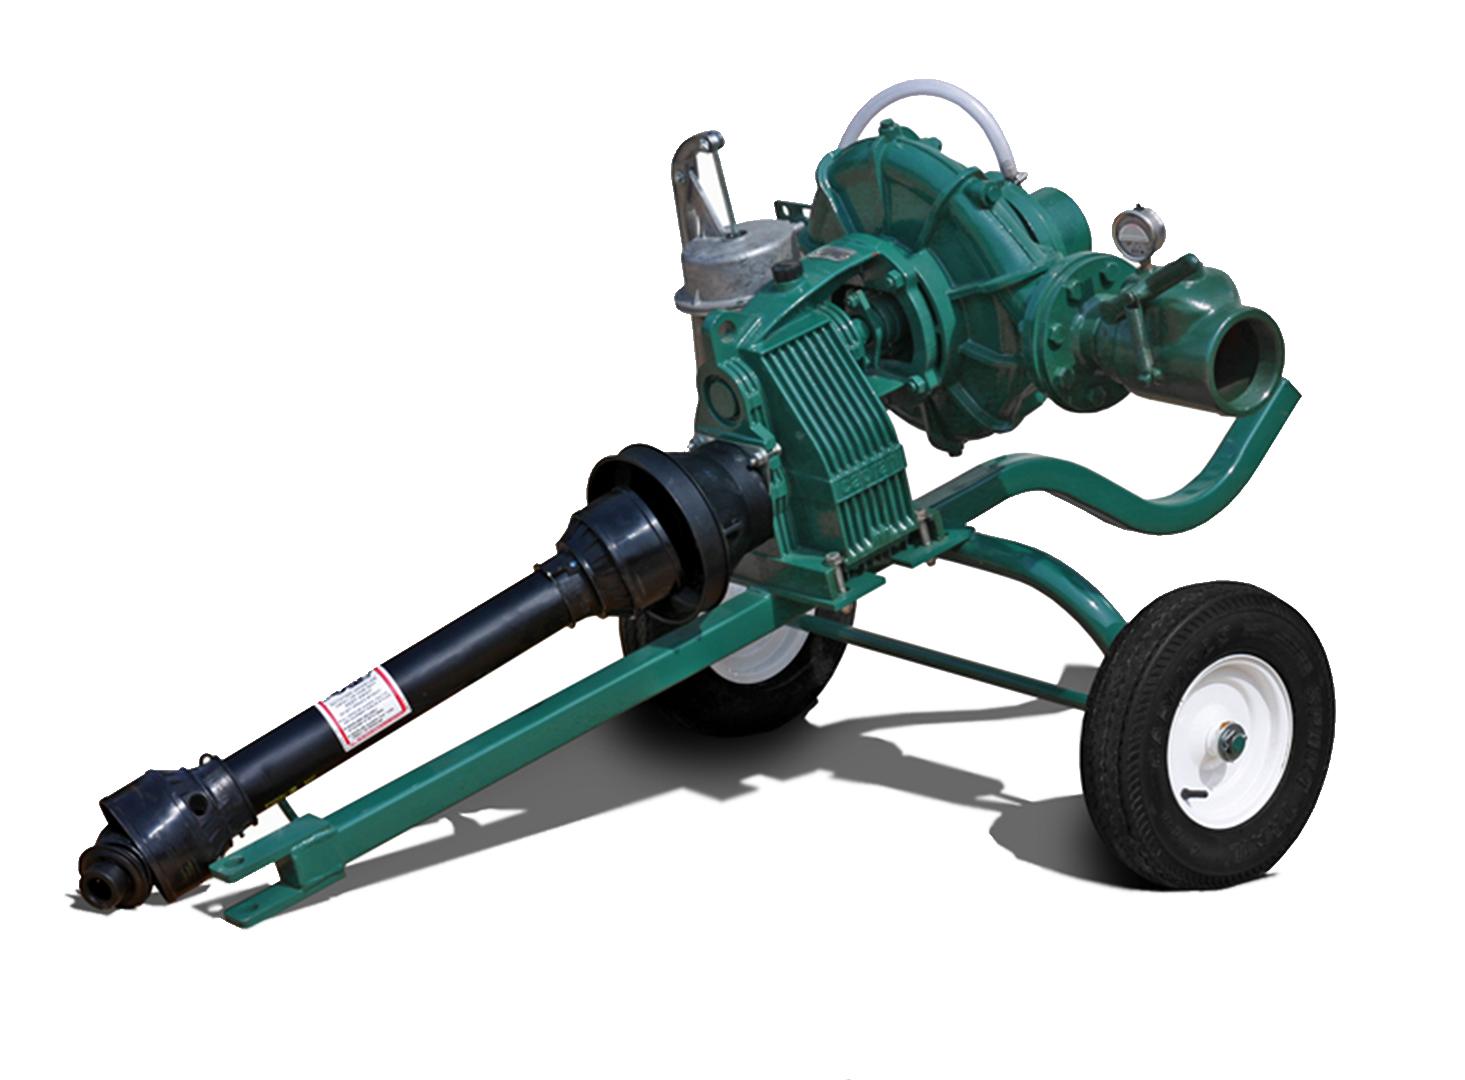 pompe arrosage pour tracteur